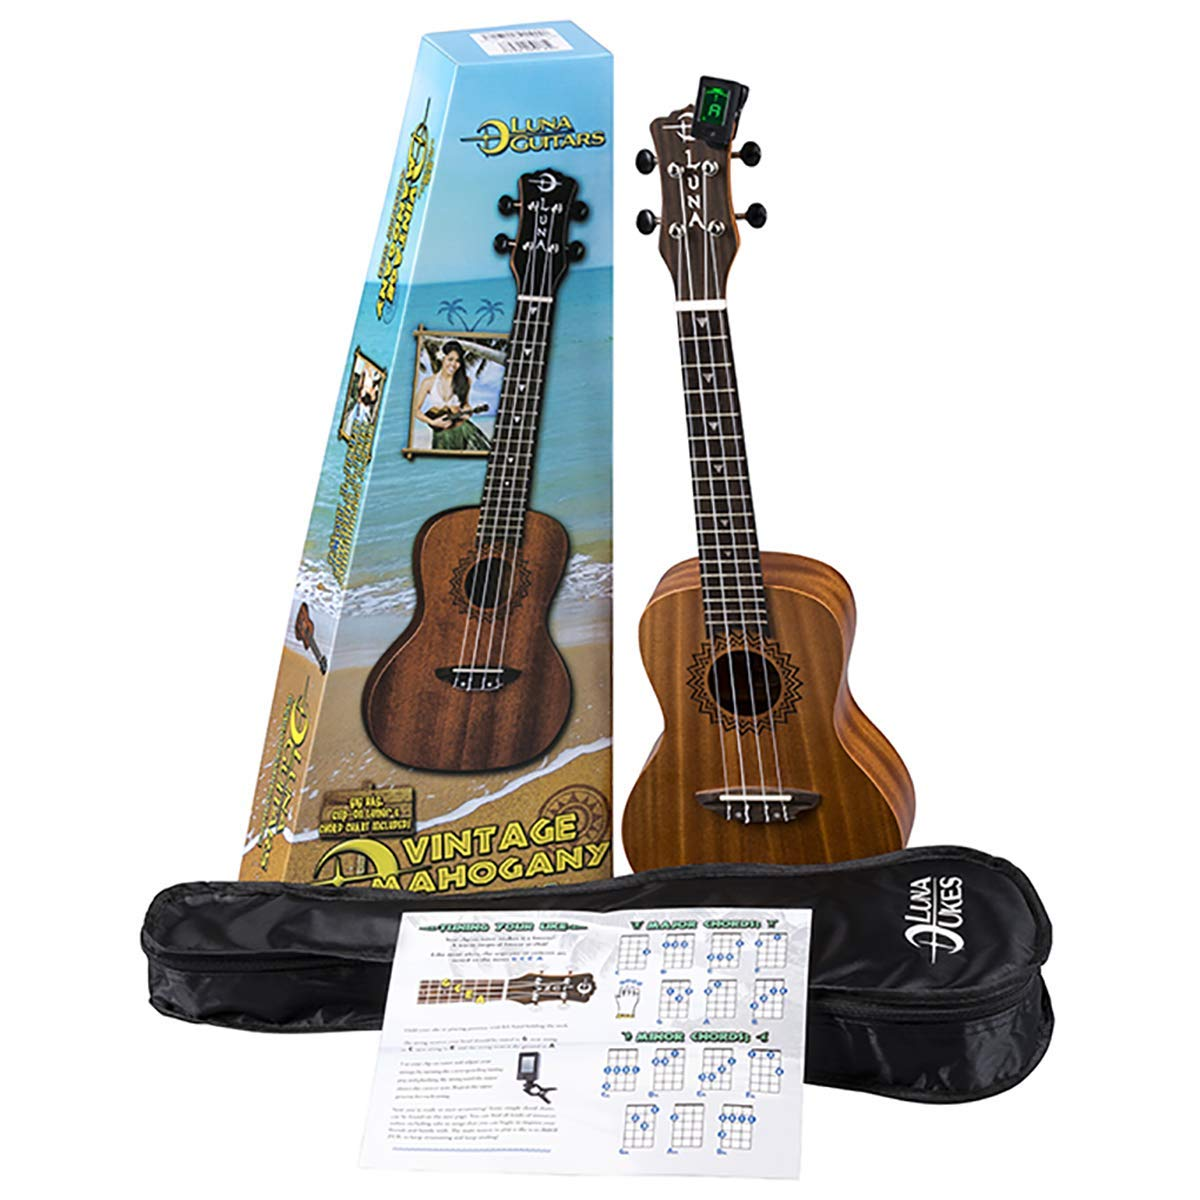 Luna Vintage Mahogany Concert Ukulele Pack with Tuner and Bag by Luna Guitars